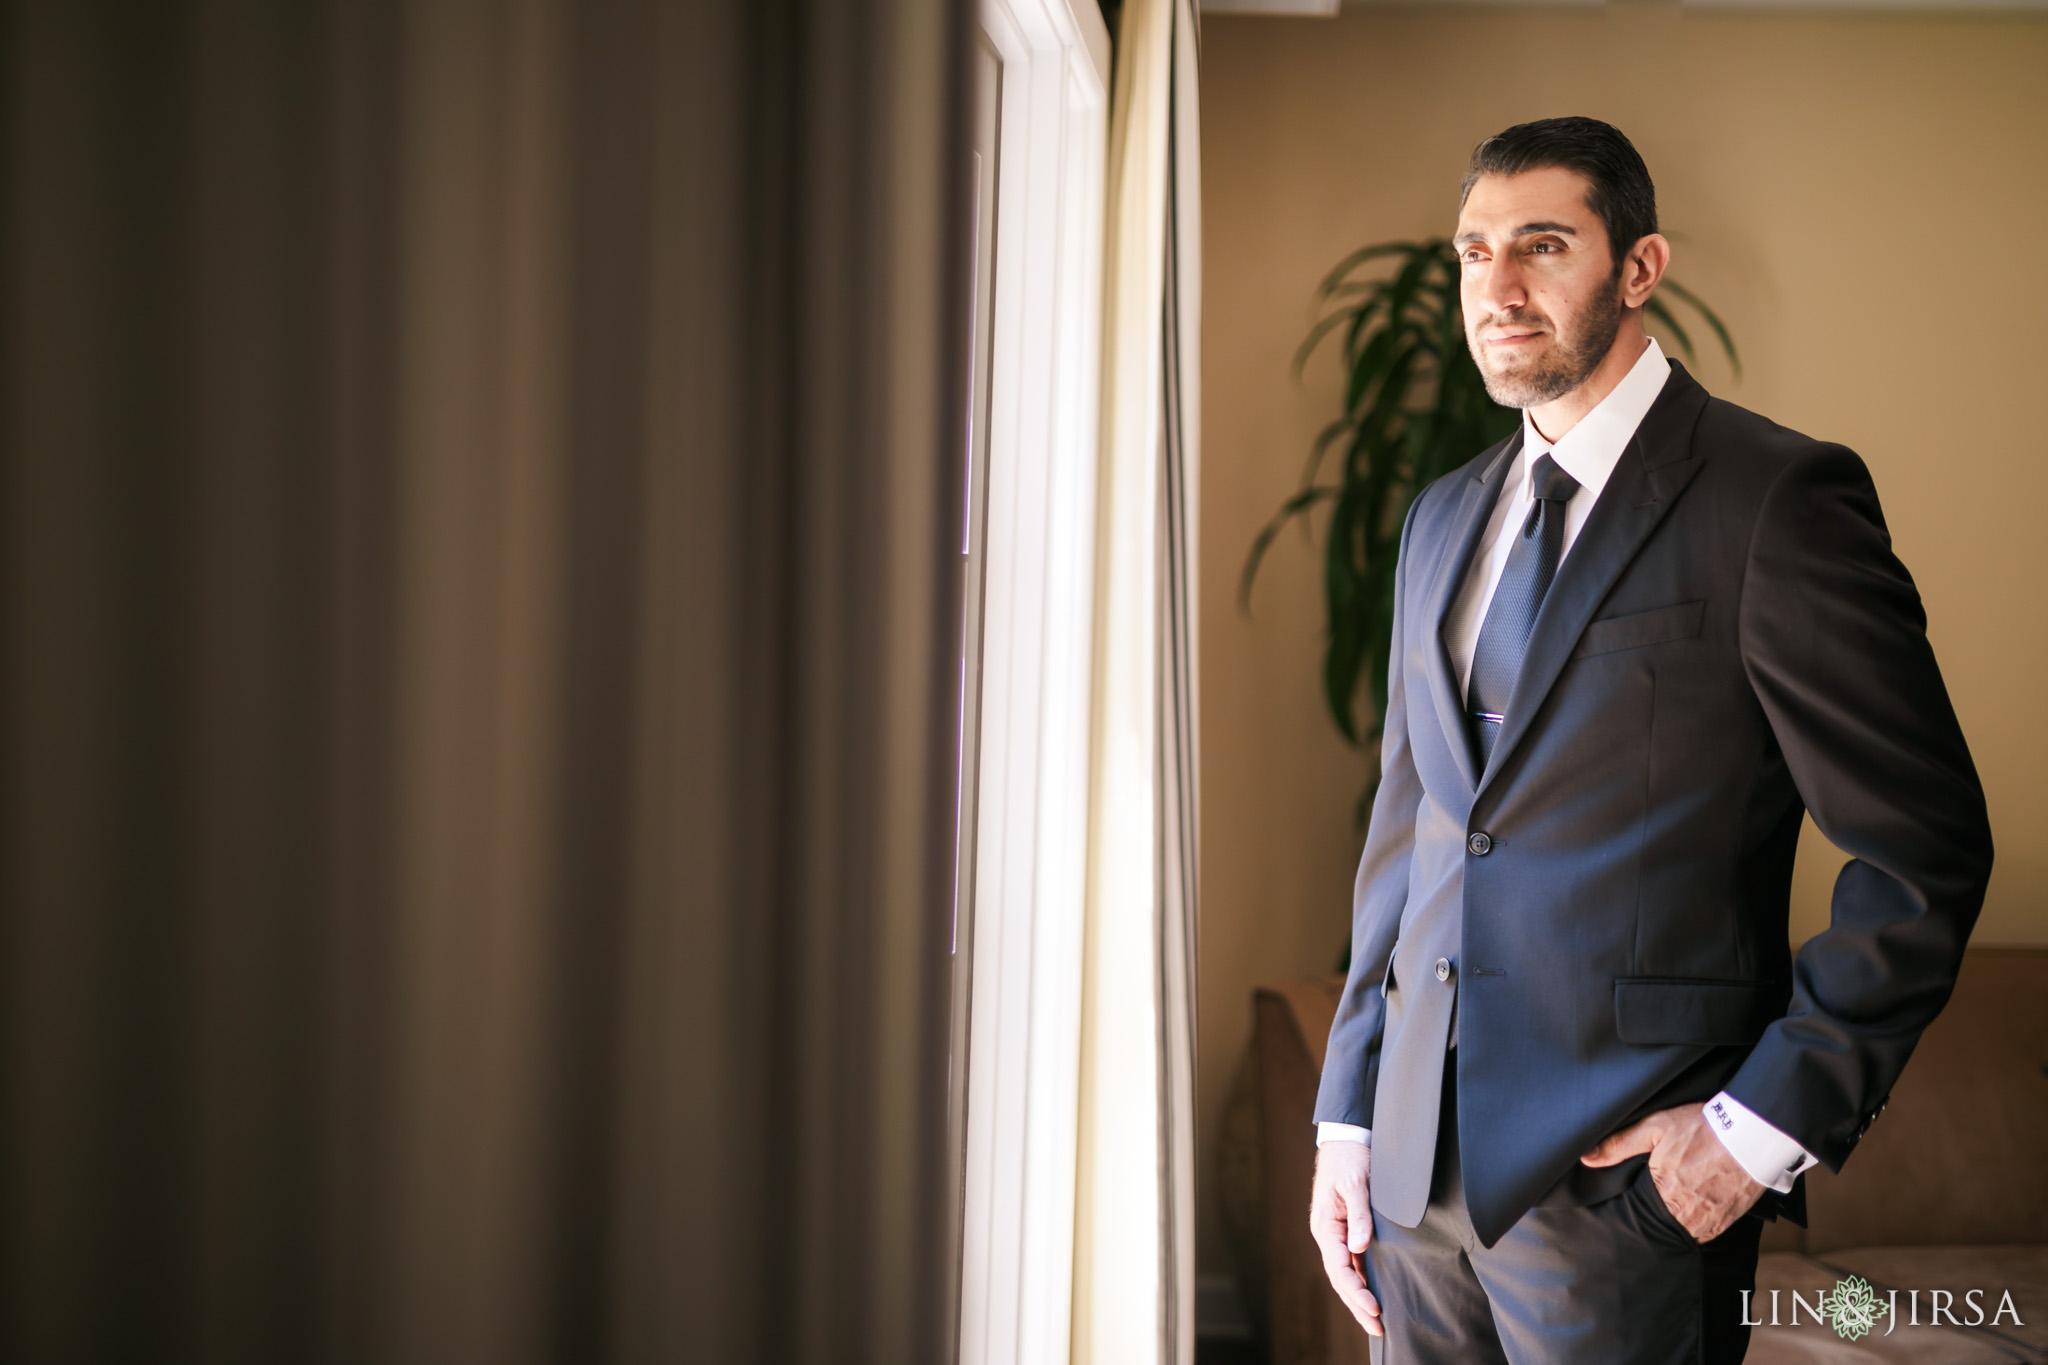 017 estancia la jolla hotel spa persian groom wedding photography